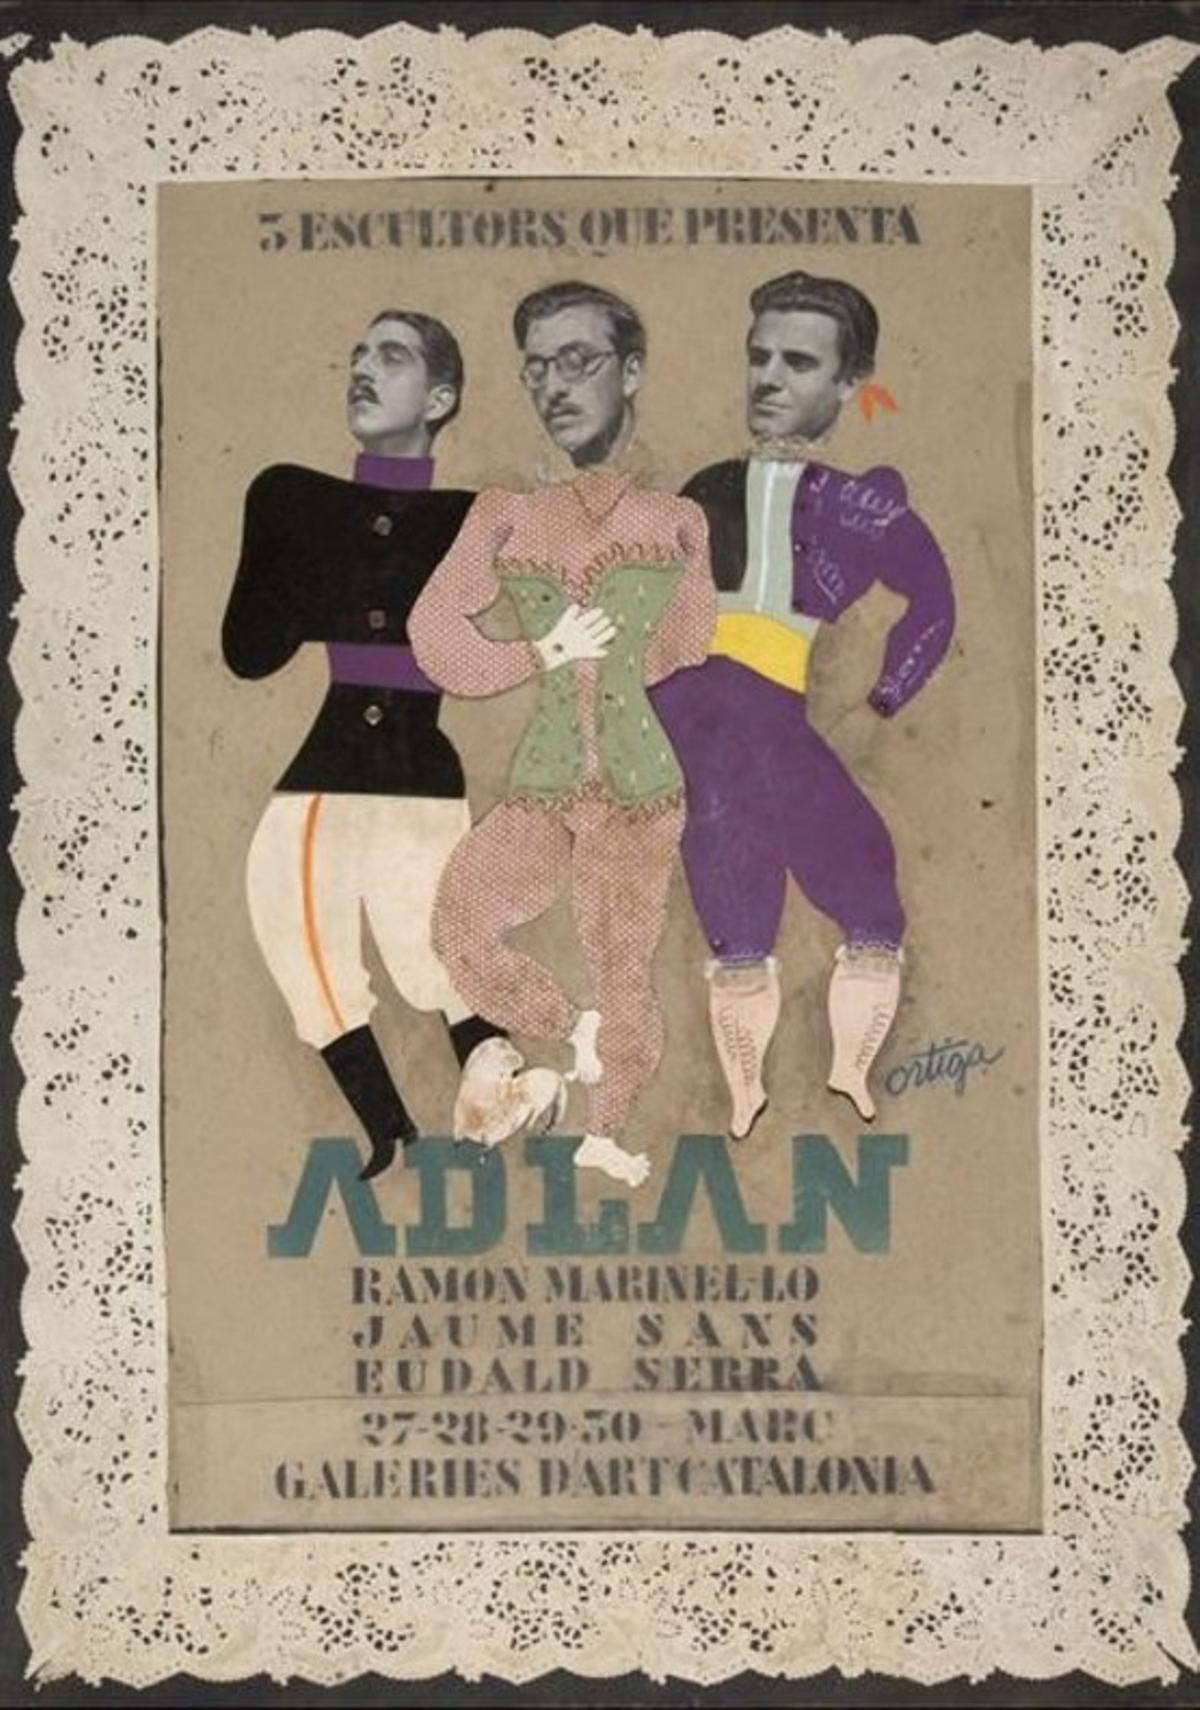 TRÍO DE ARTISTAS.Ramon Marinel·lo, Jaume Sans y Eudald Serra(militar, prostituta y torero), en el cartel que Salvador Ortiga realizó para 'Tres escultors que presenta ADLAN'.